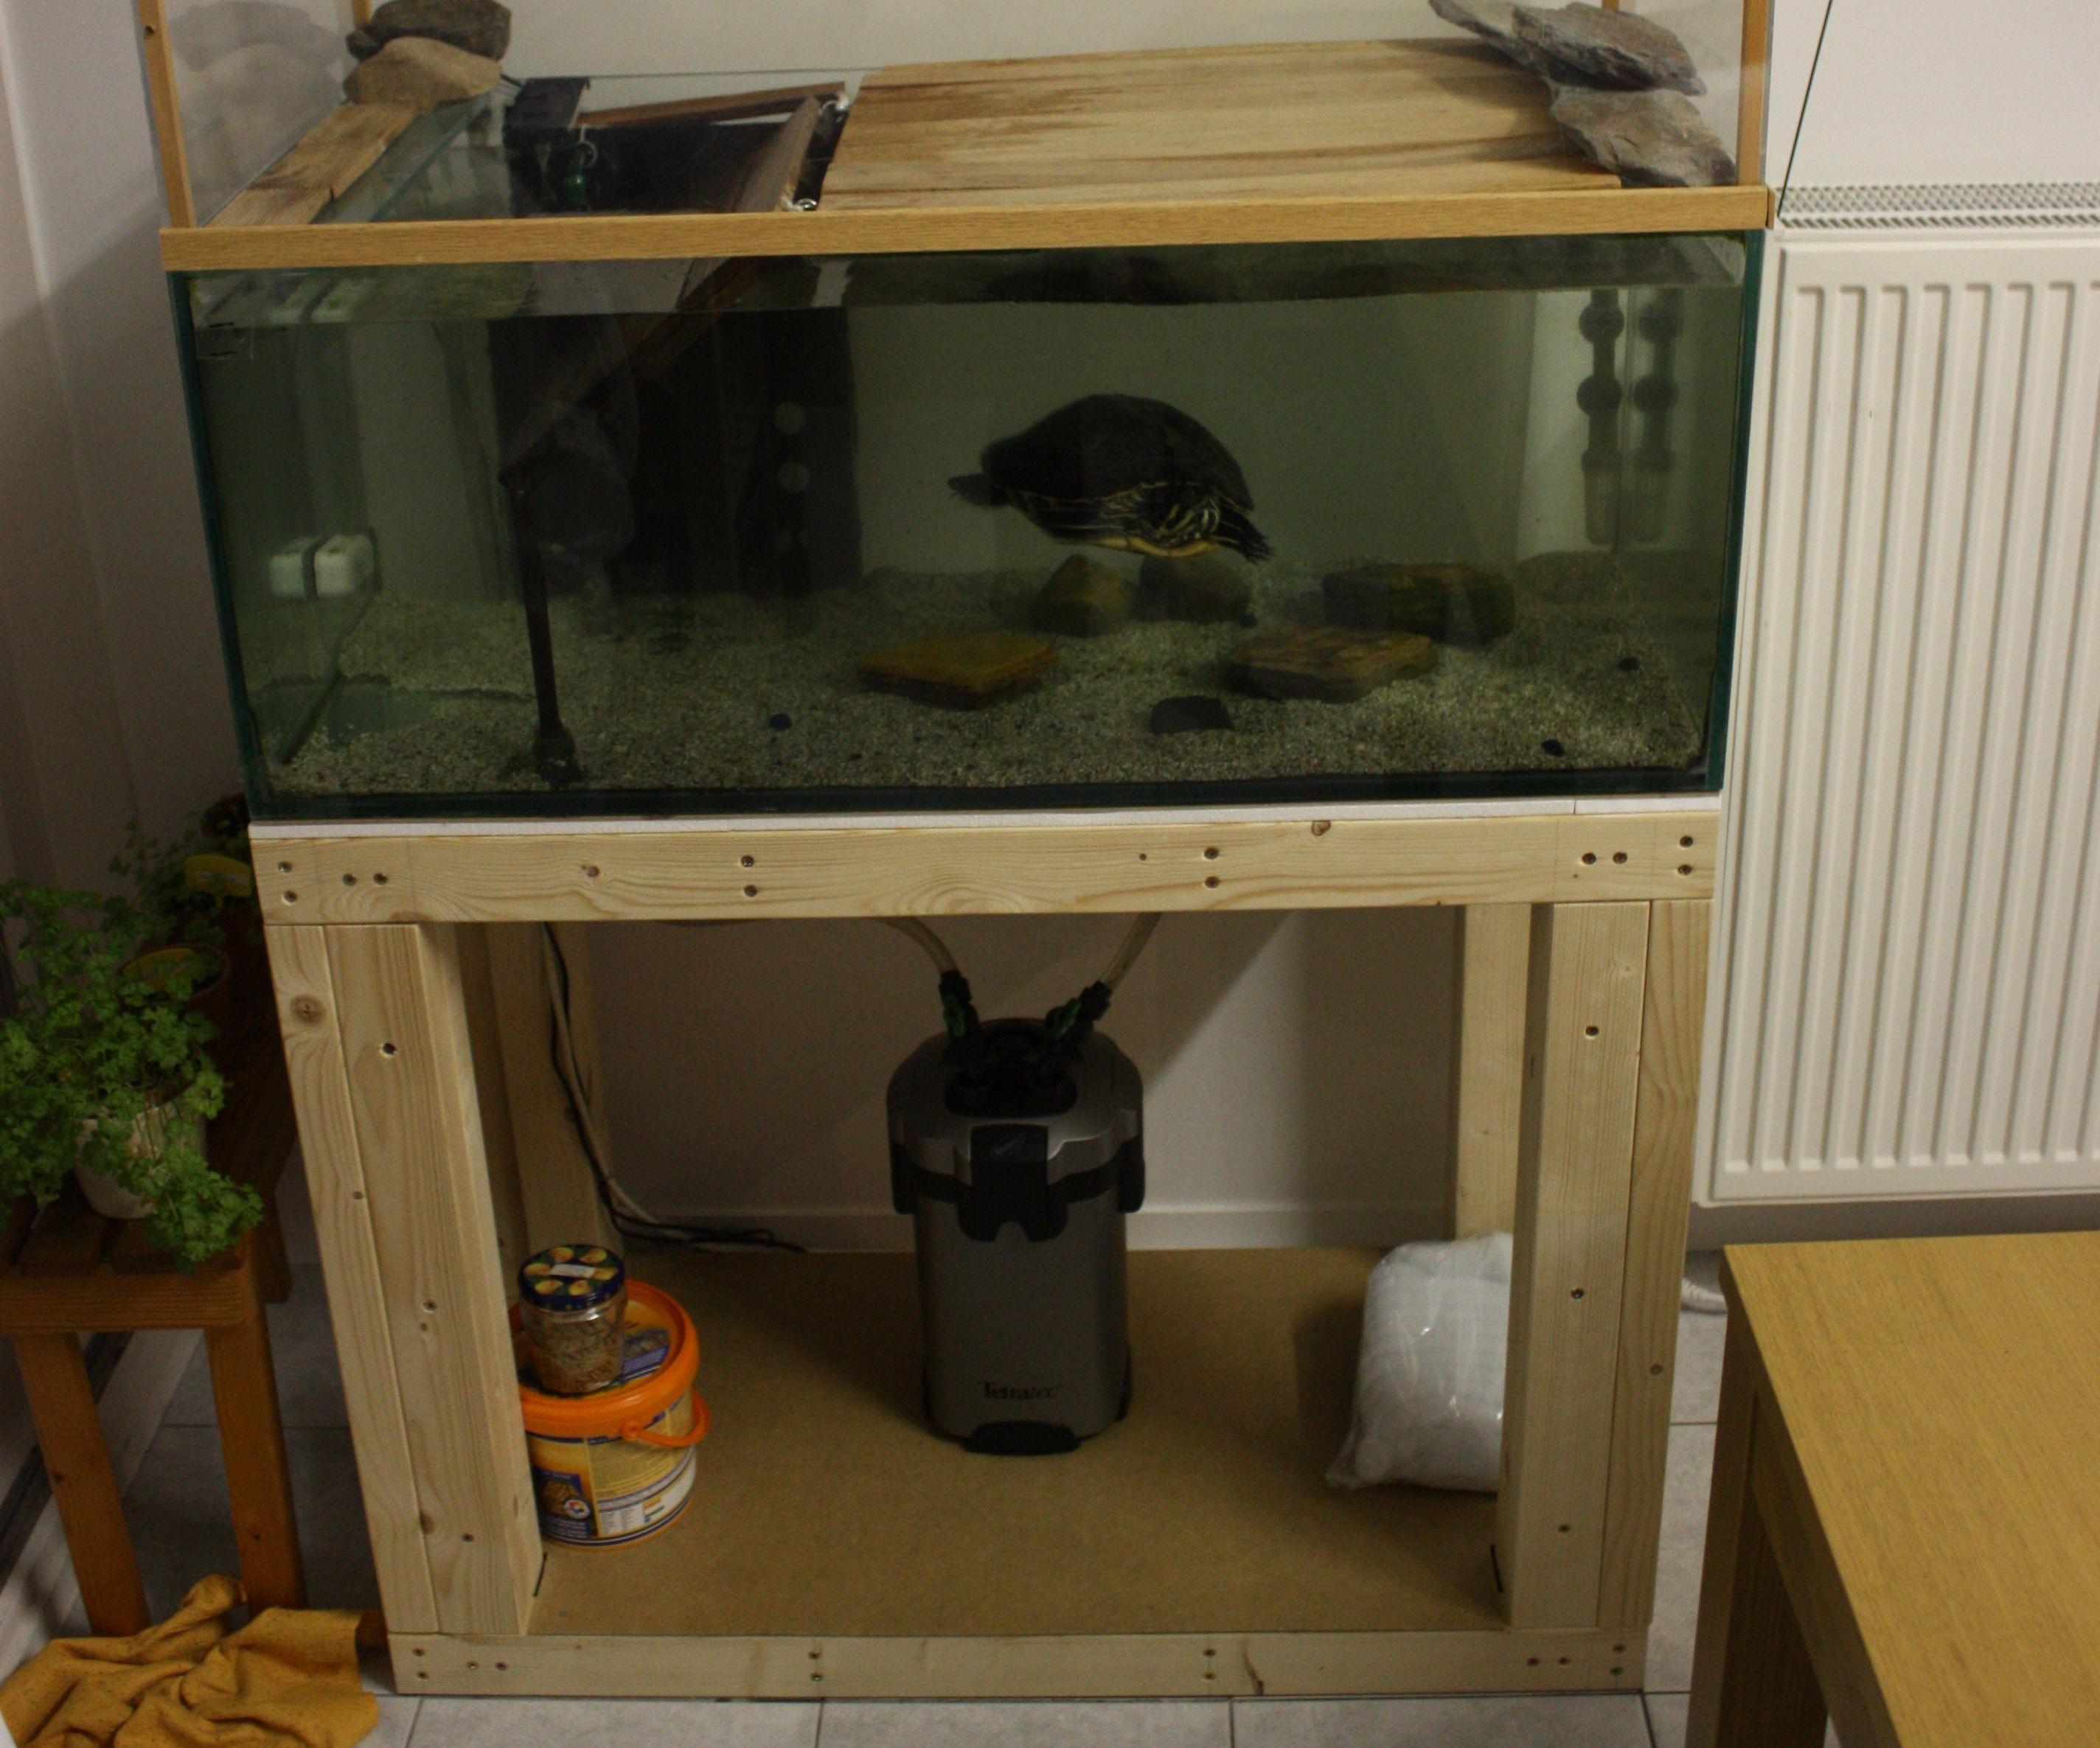 Aquarium stand